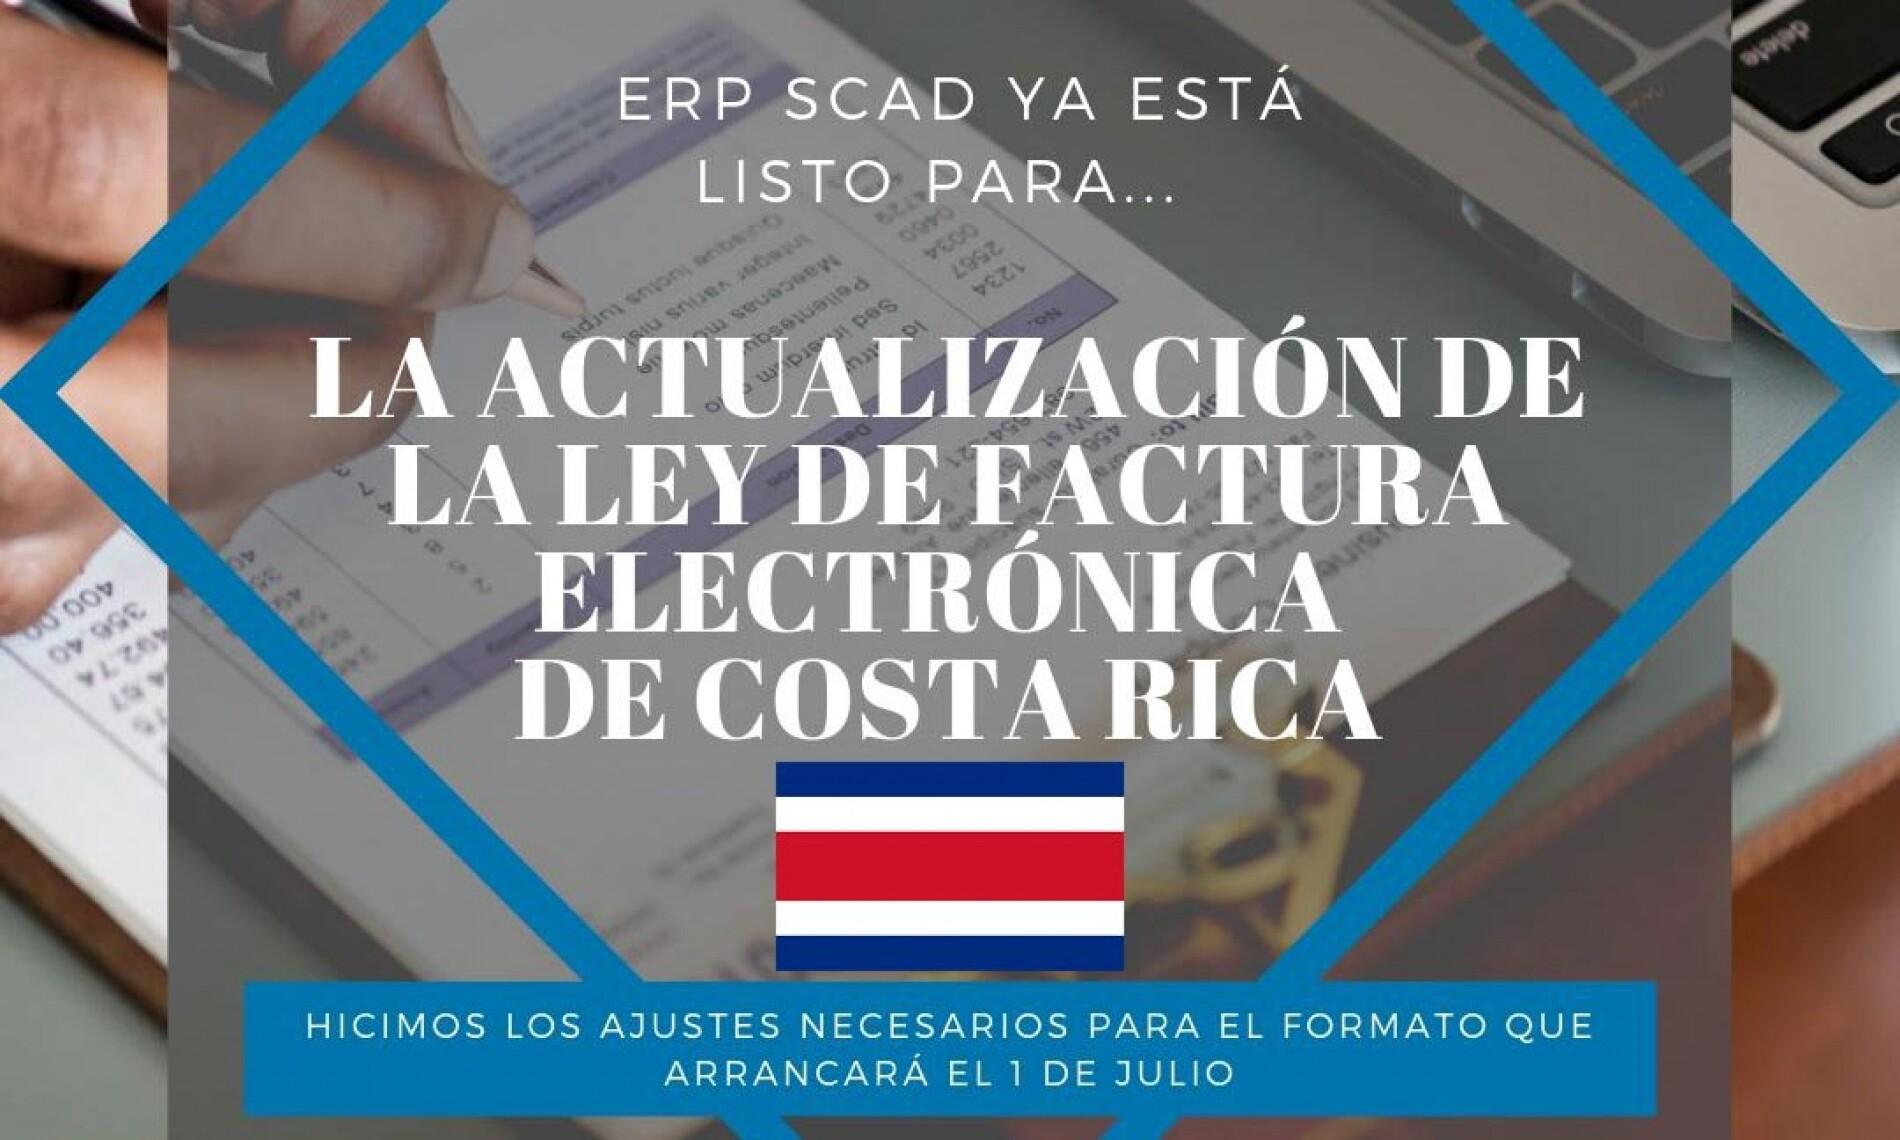 Costa Rica: ¡ERP SCAD Listo Para La Actualización De La Ley De Factura Electrónica!